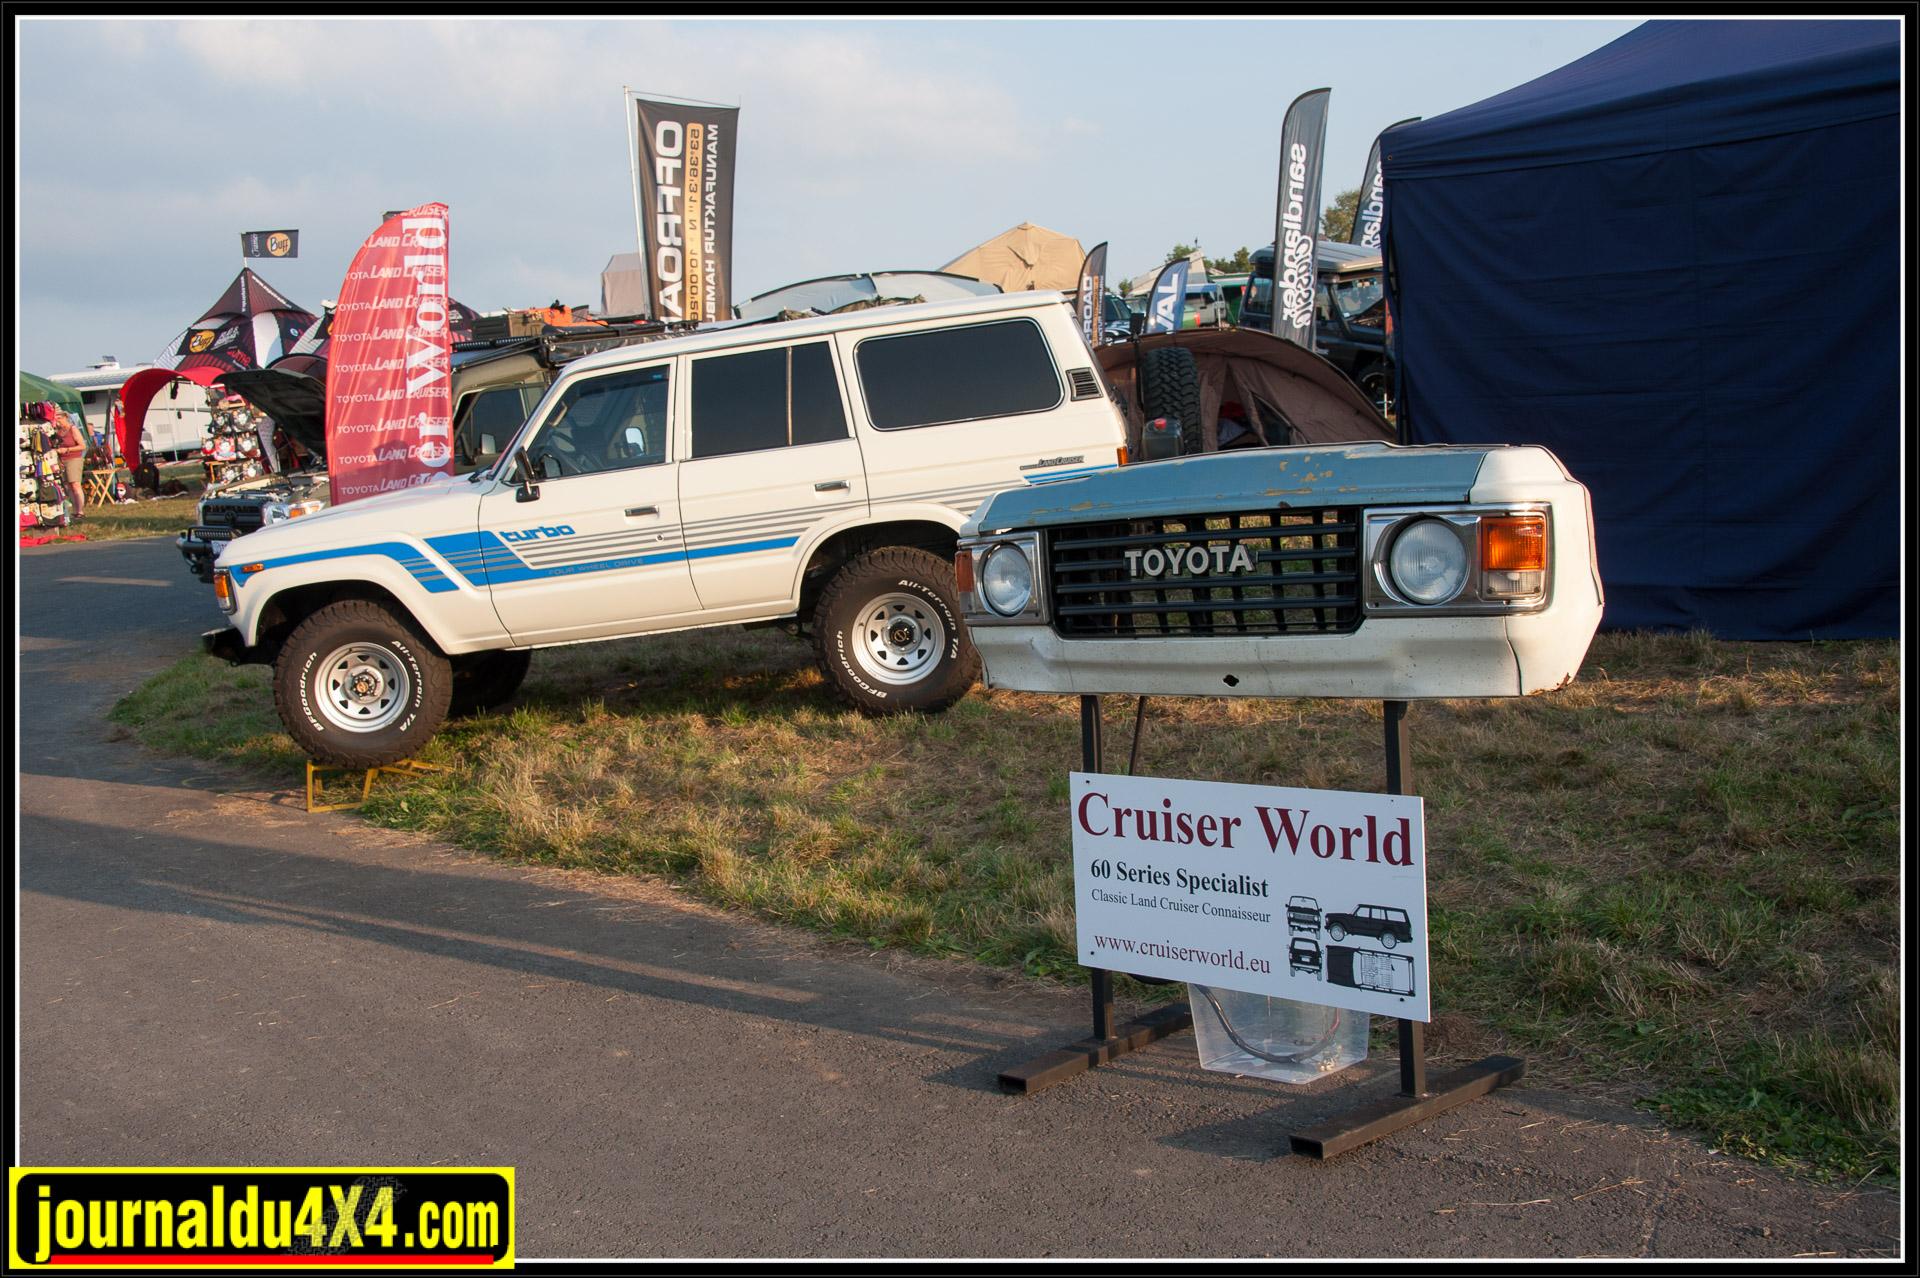 Cruiser Word est un spécialiste des séries 6 basé aux Pays-Bas. Comme certaines pièces de ces véhicules sont devenues introuvables, ils les font fabriquer.